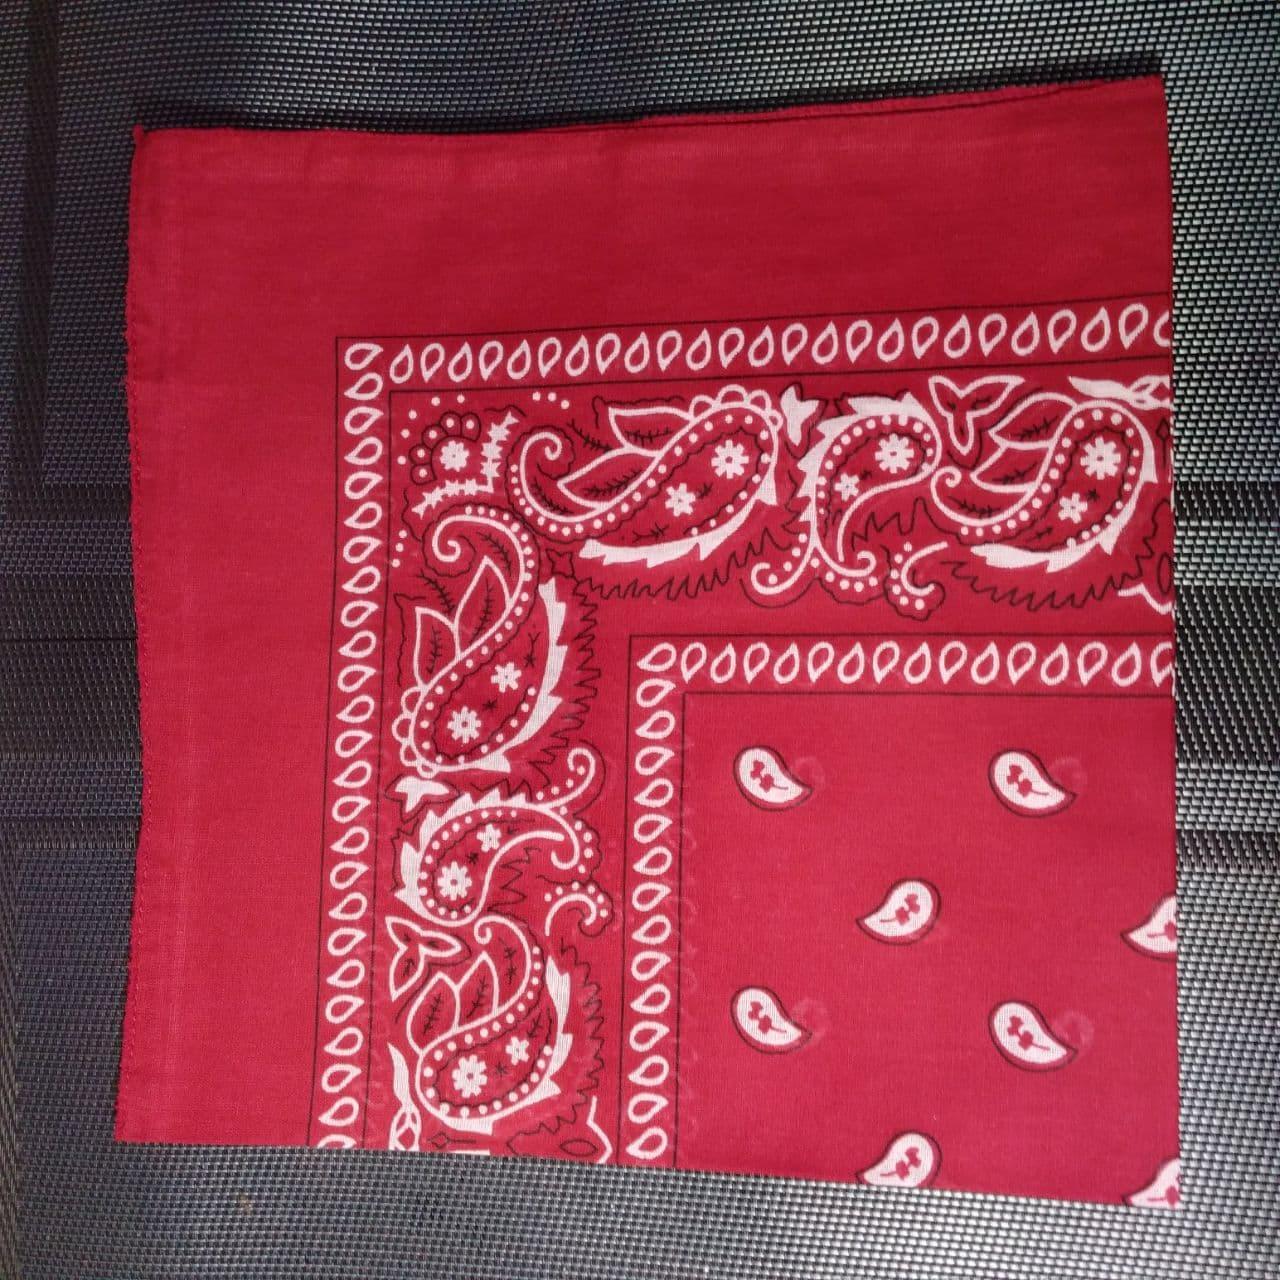 Бандана классическая темно-красная 55х55 см